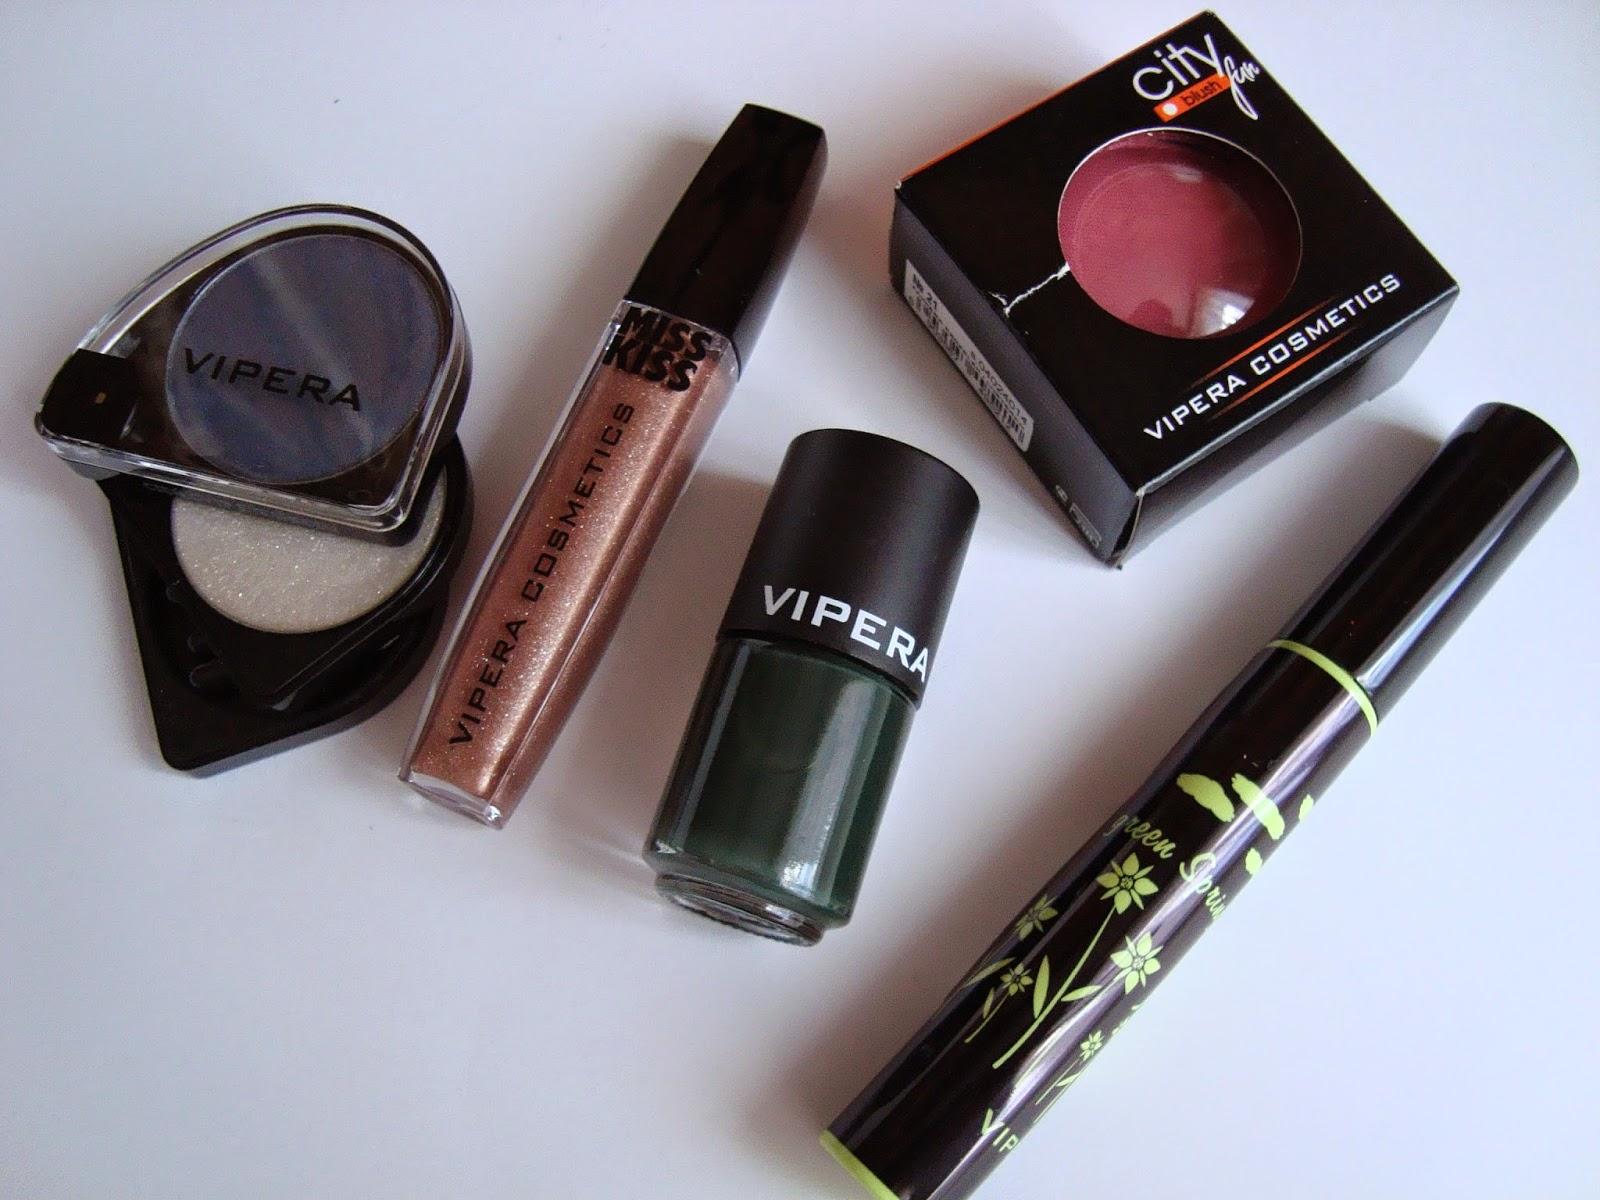 VIPERA COSMETICS - Moje nowości kosmetyczne